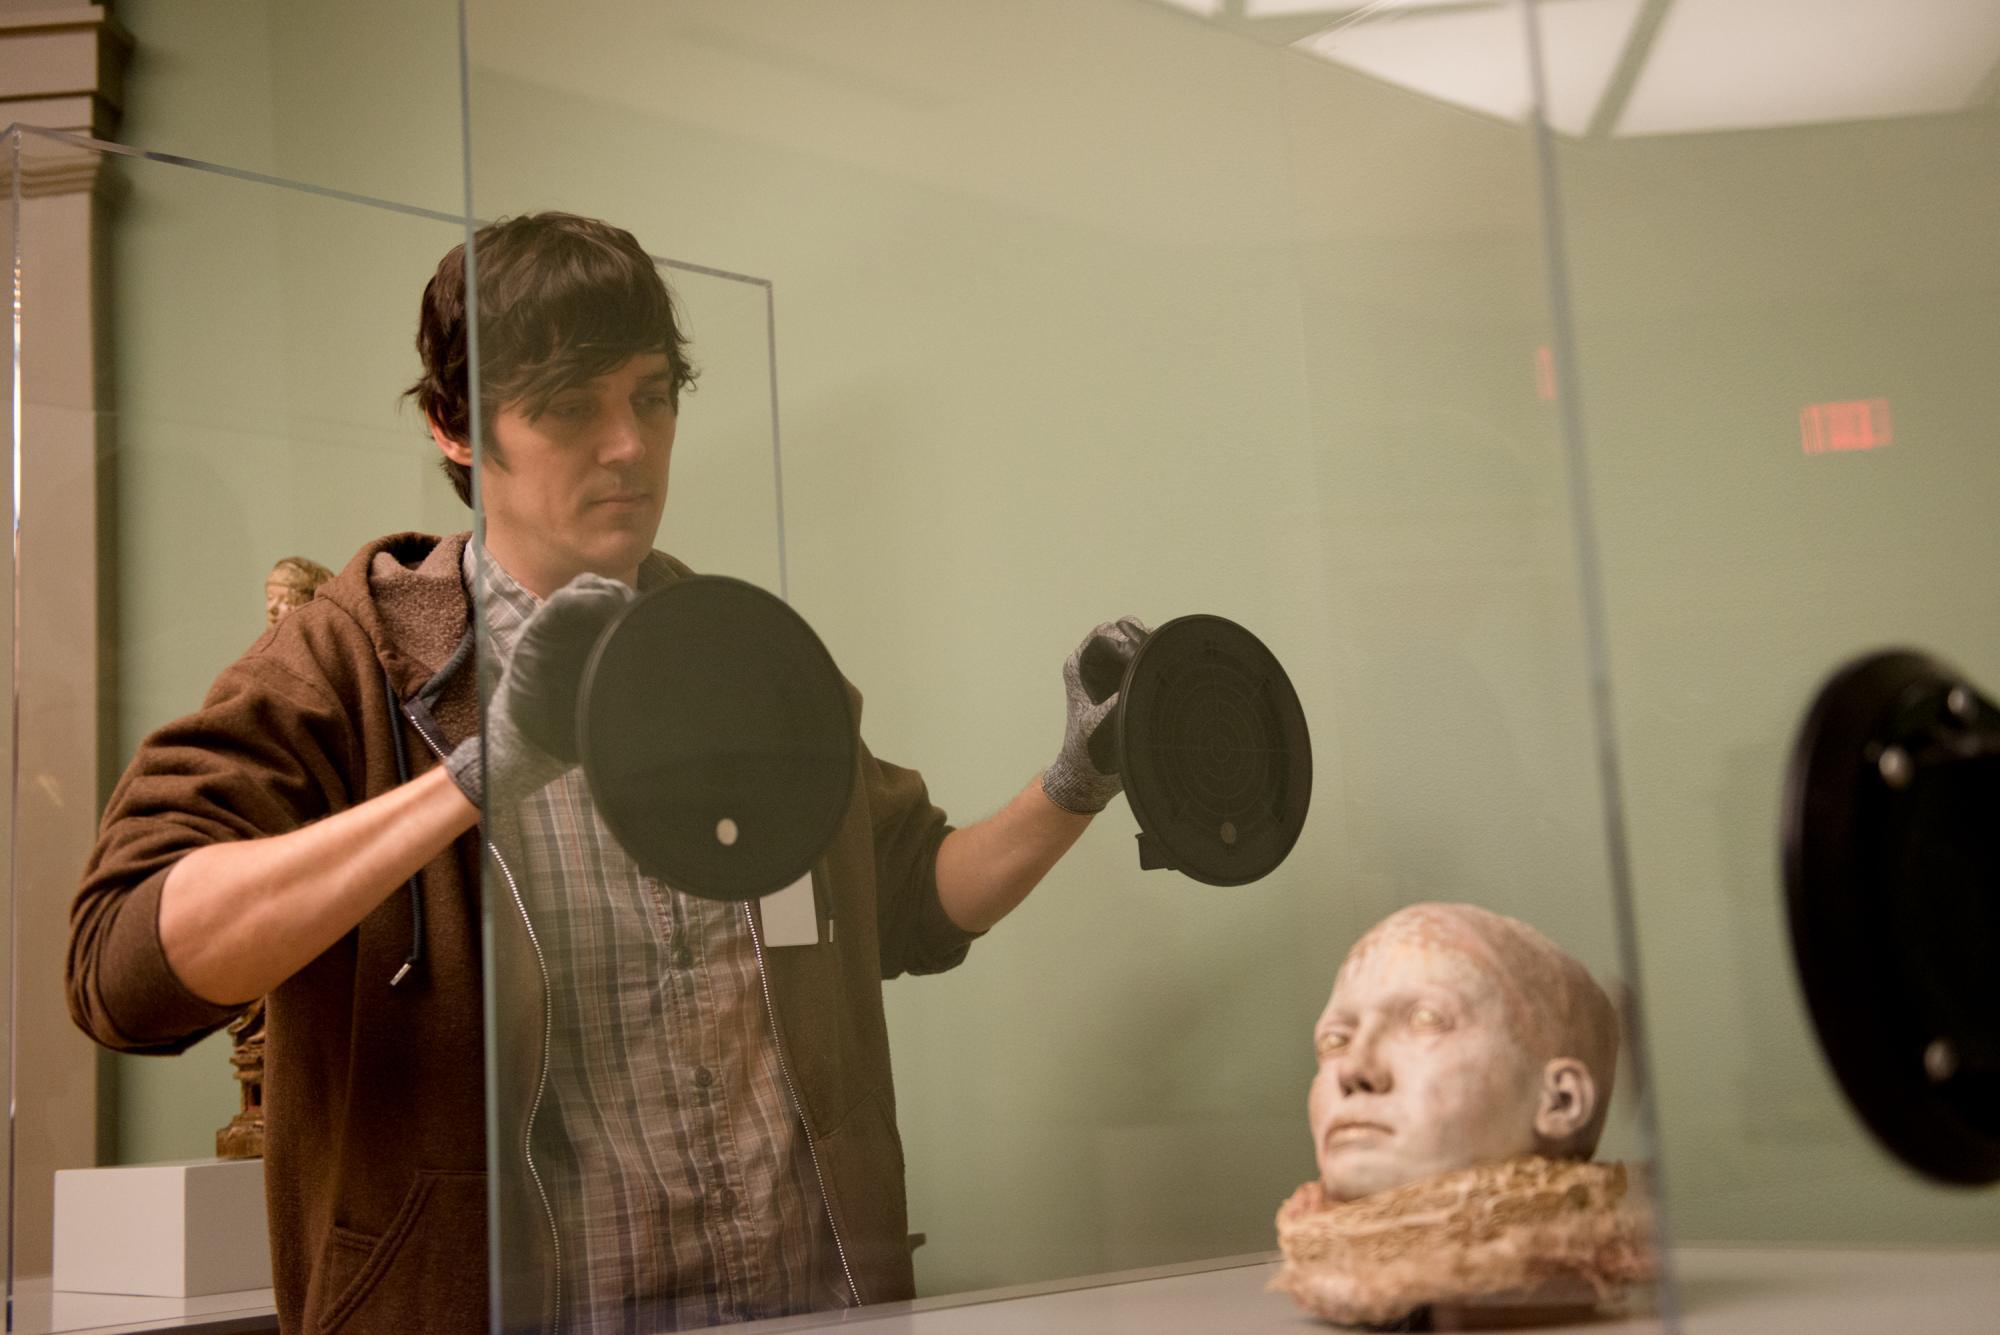 a staff member sealing a sculpture in a glass fixture